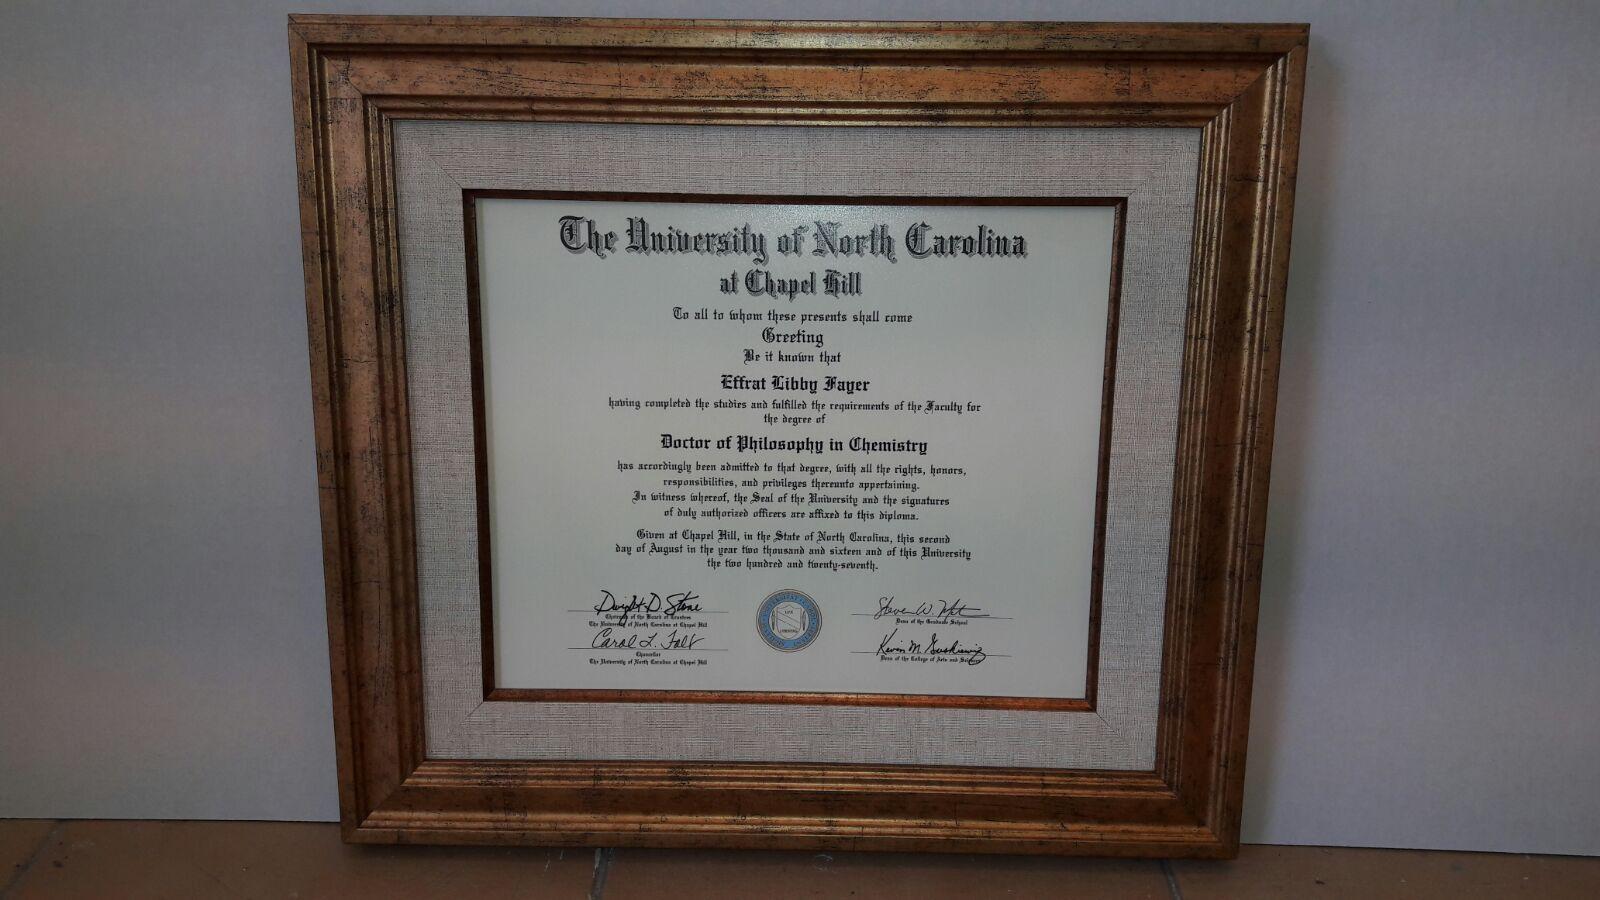 מסגרת תעודת דוקטורט לכימיה מאוניברסיטת צפון קרוליינה